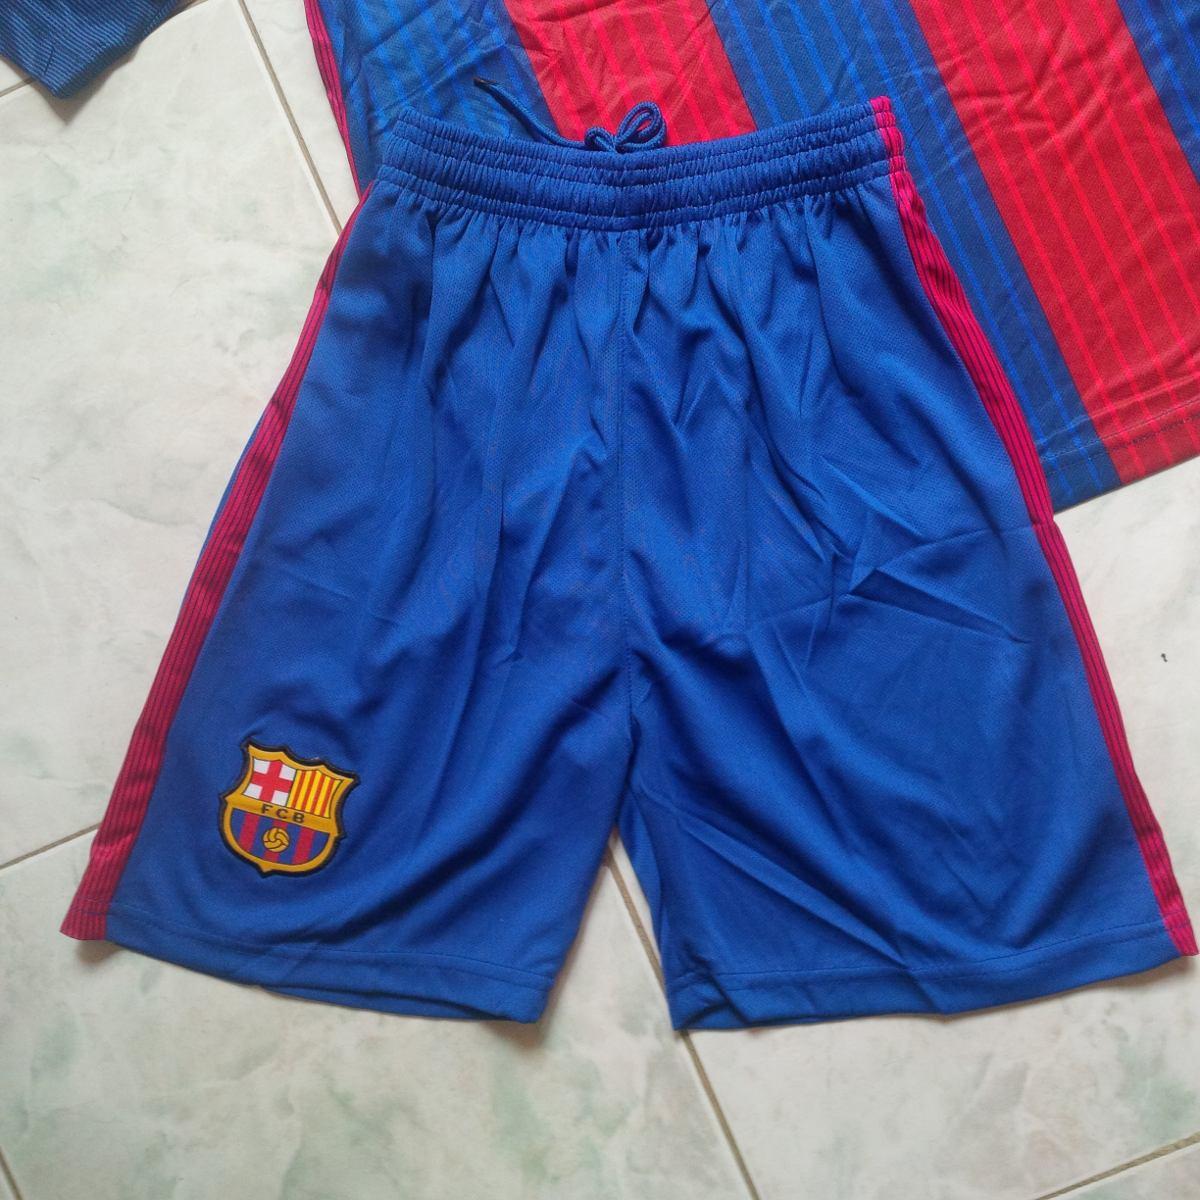 303f3bd9cc2b6 uniforme conjunto barcelona fc azulgrana 2017 adultos niños. Cargando zoom.